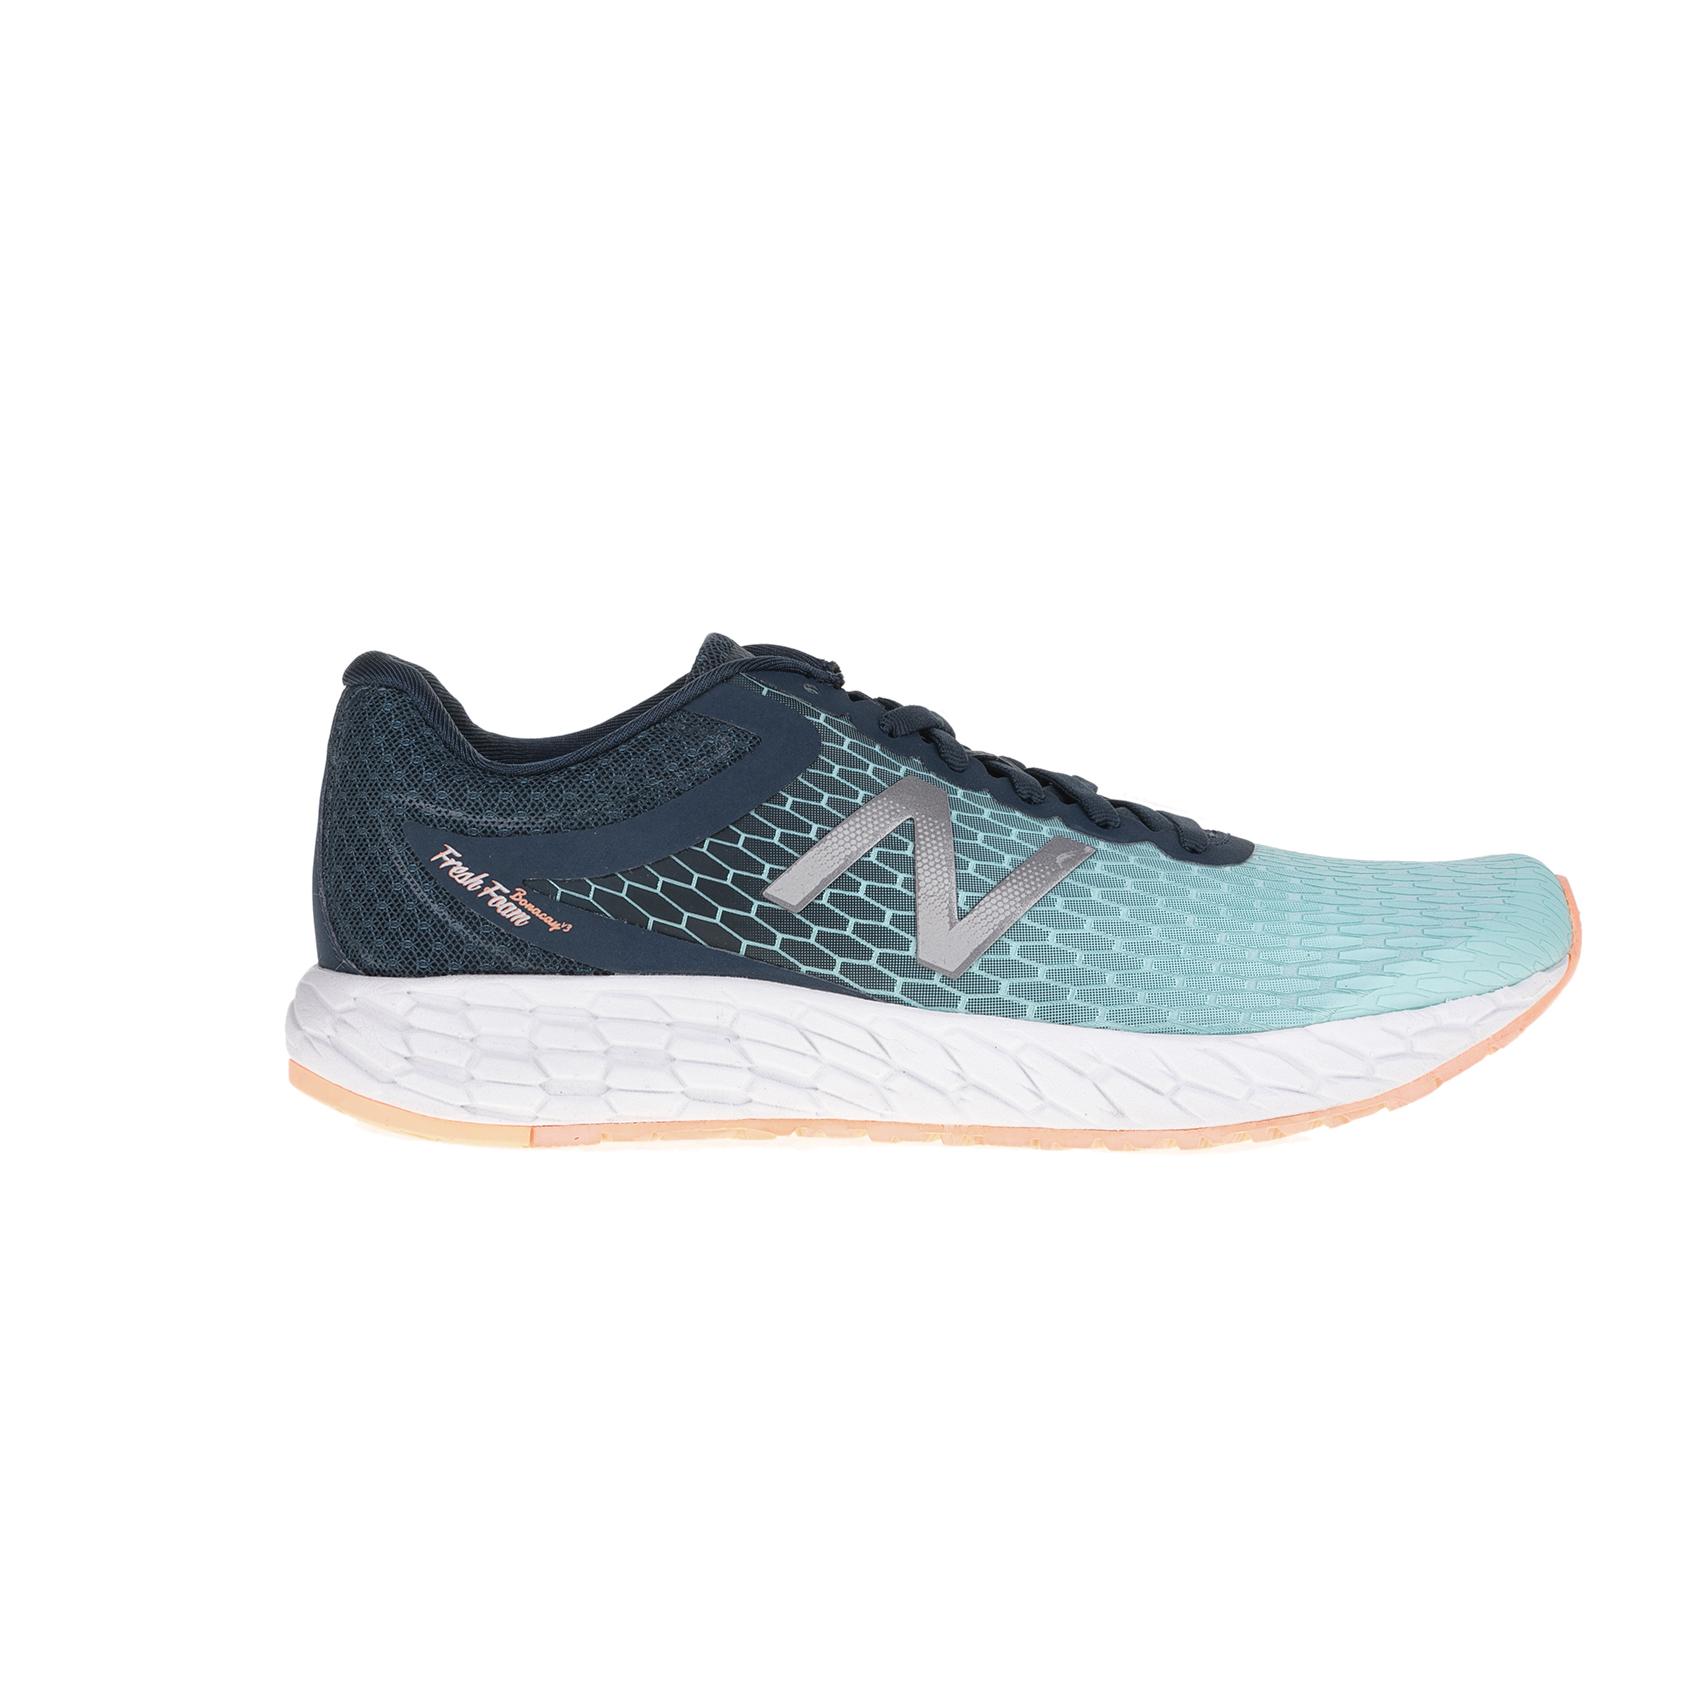 NEW BALANCE – Γυναικεία παπούτσια για τρέξιμο NEW BALANCE τιρκουάζ-μπλε